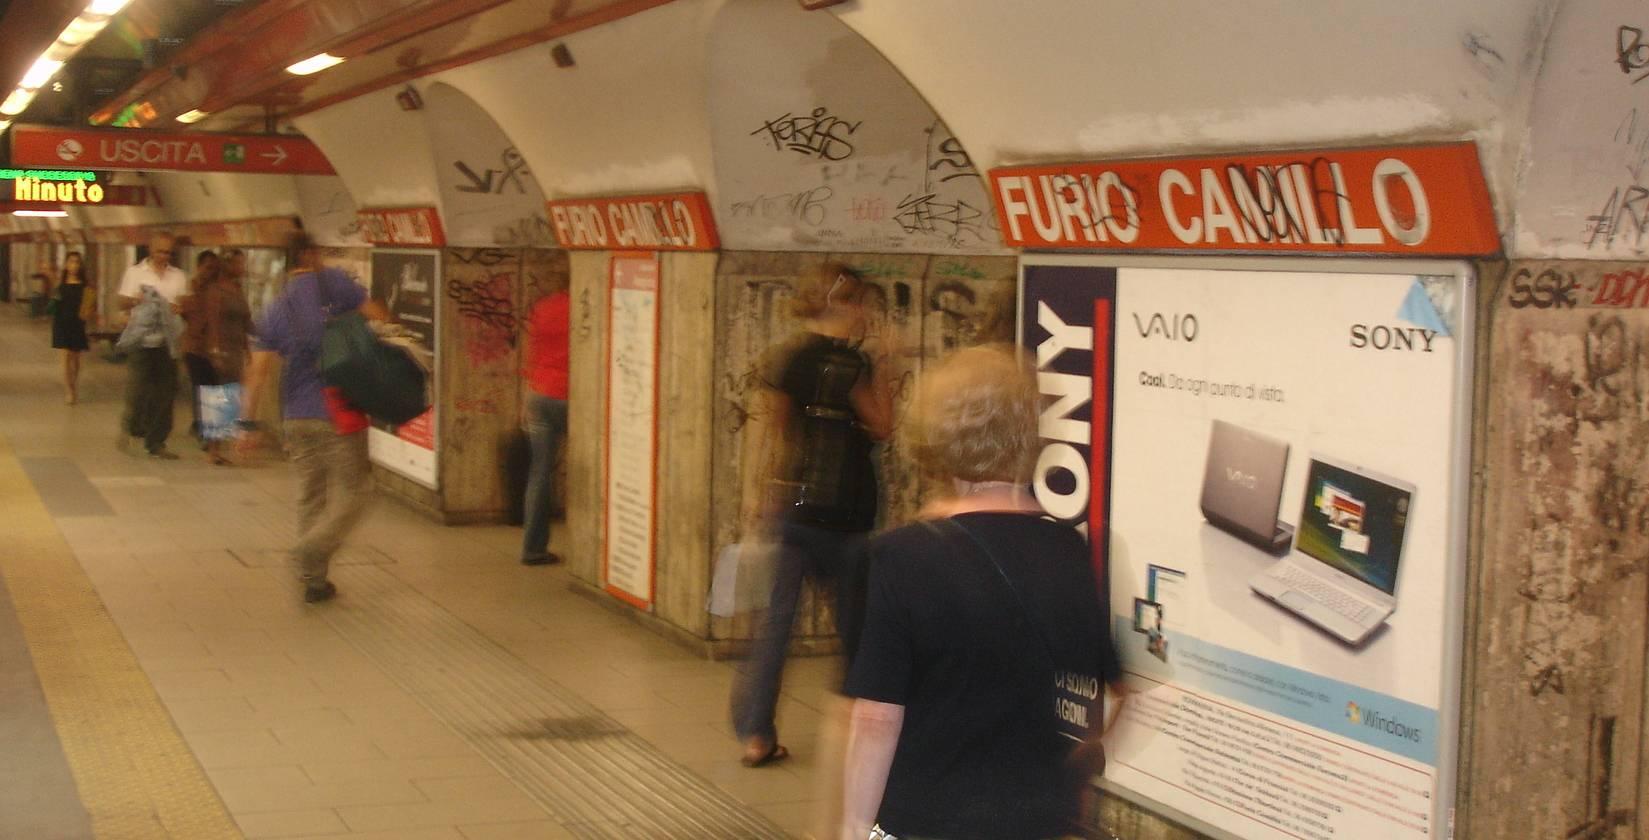 Roma, muore bimbo di 4 anni caduto nell'ascensore della metro